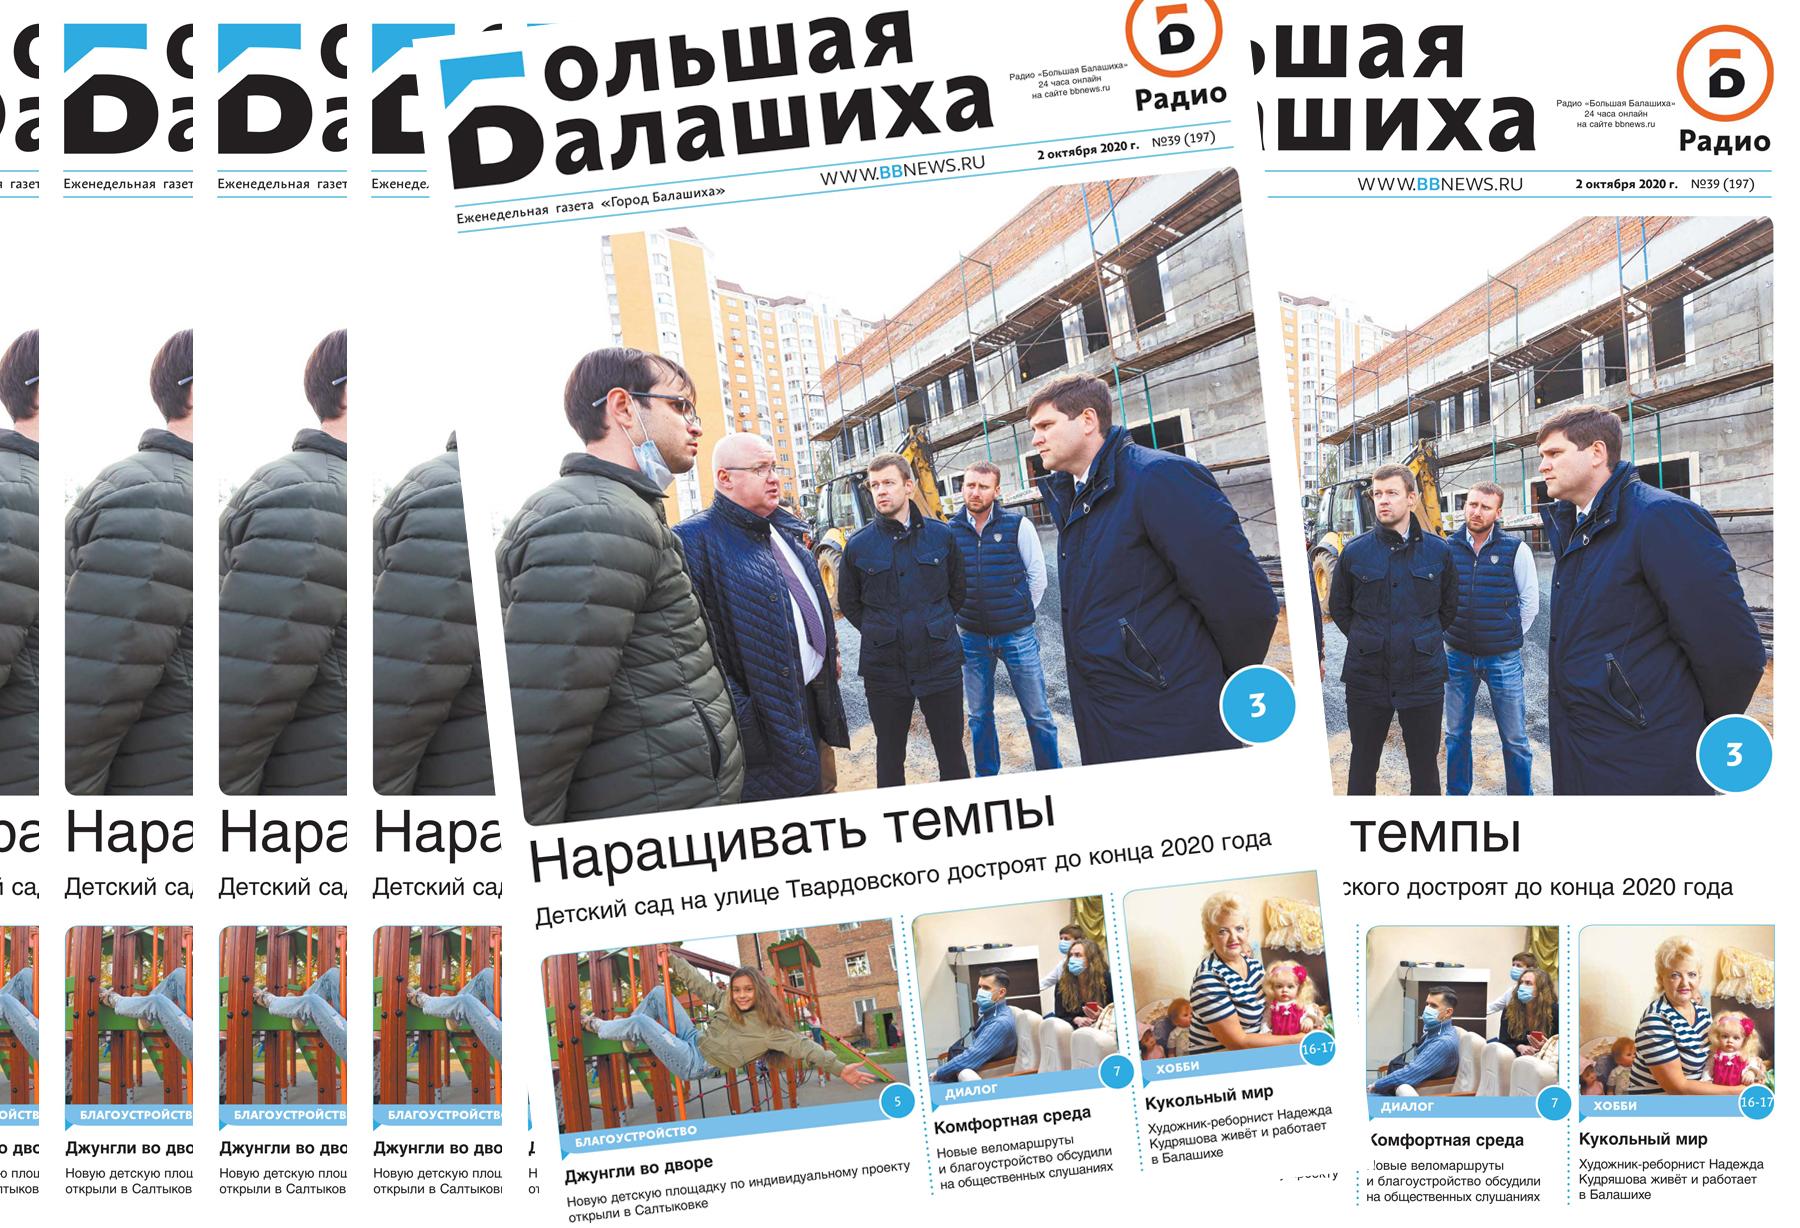 Вышла газета «Город Балашиха» №39 (197)